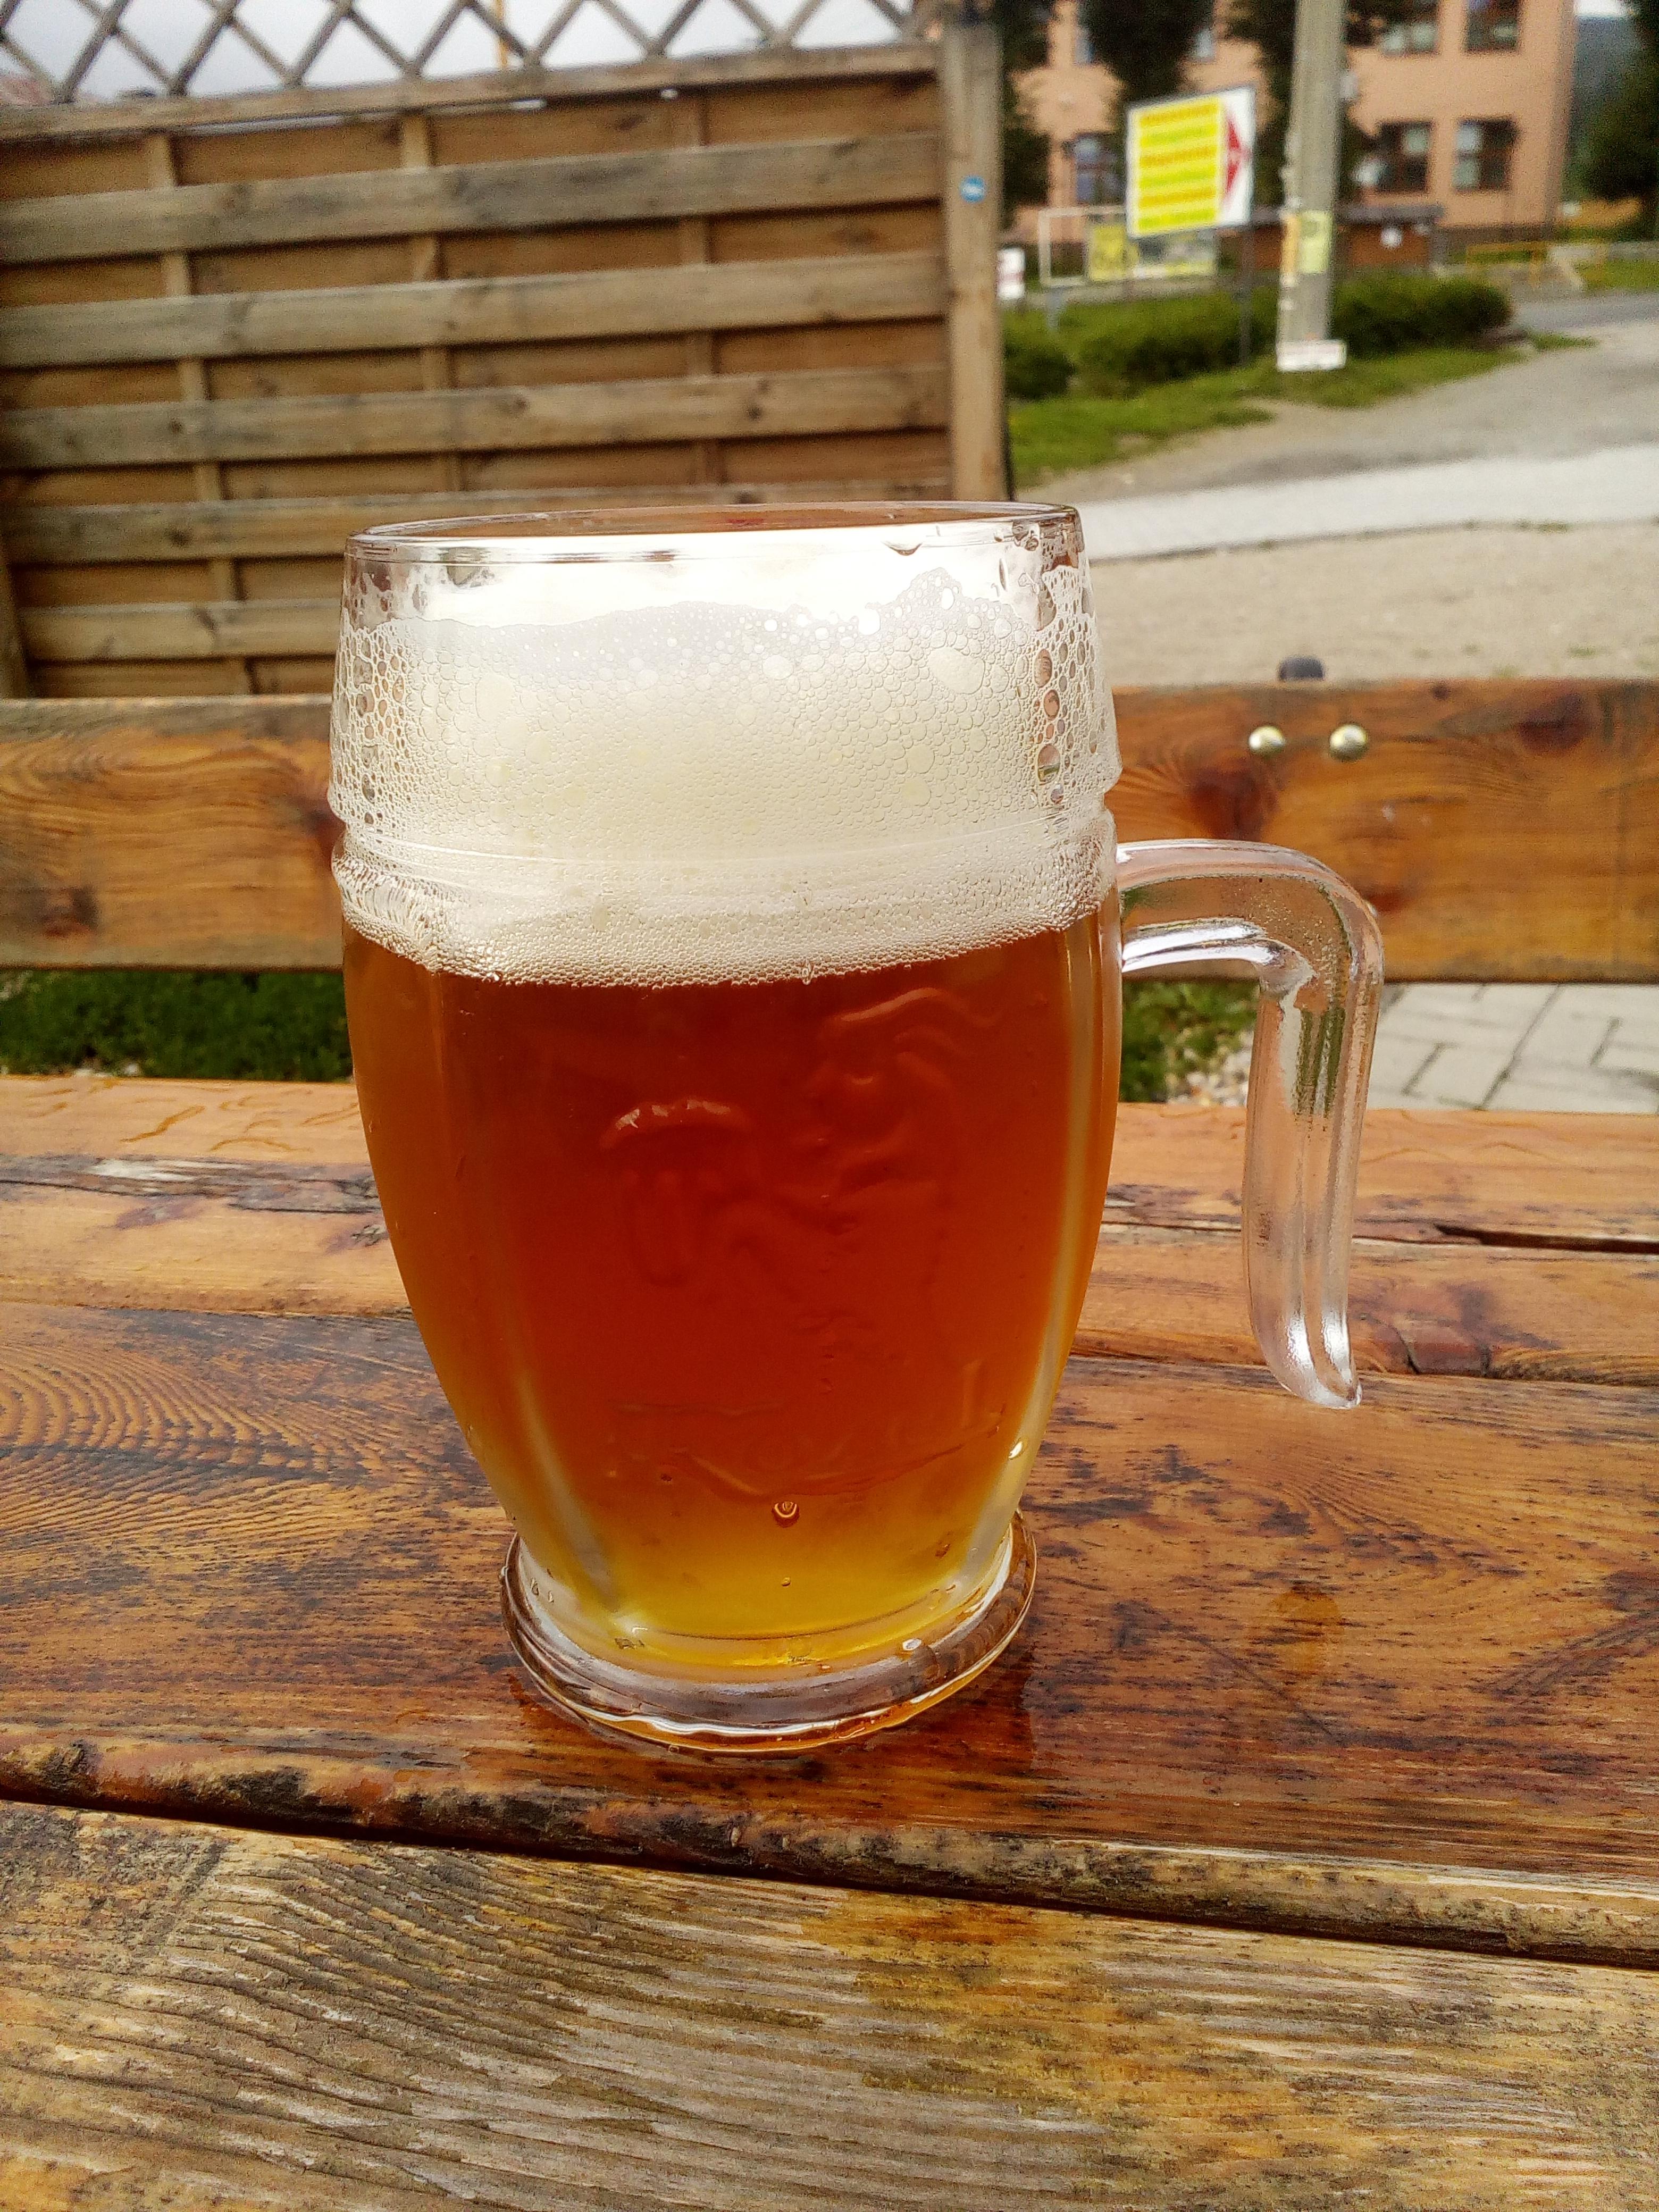 Nach fünf Tagen in den Bergen hoffte ich auf Bier, Dusche und Bett. Gottseidank waren nur die letzten beiden Dinge grade ausverkauft.